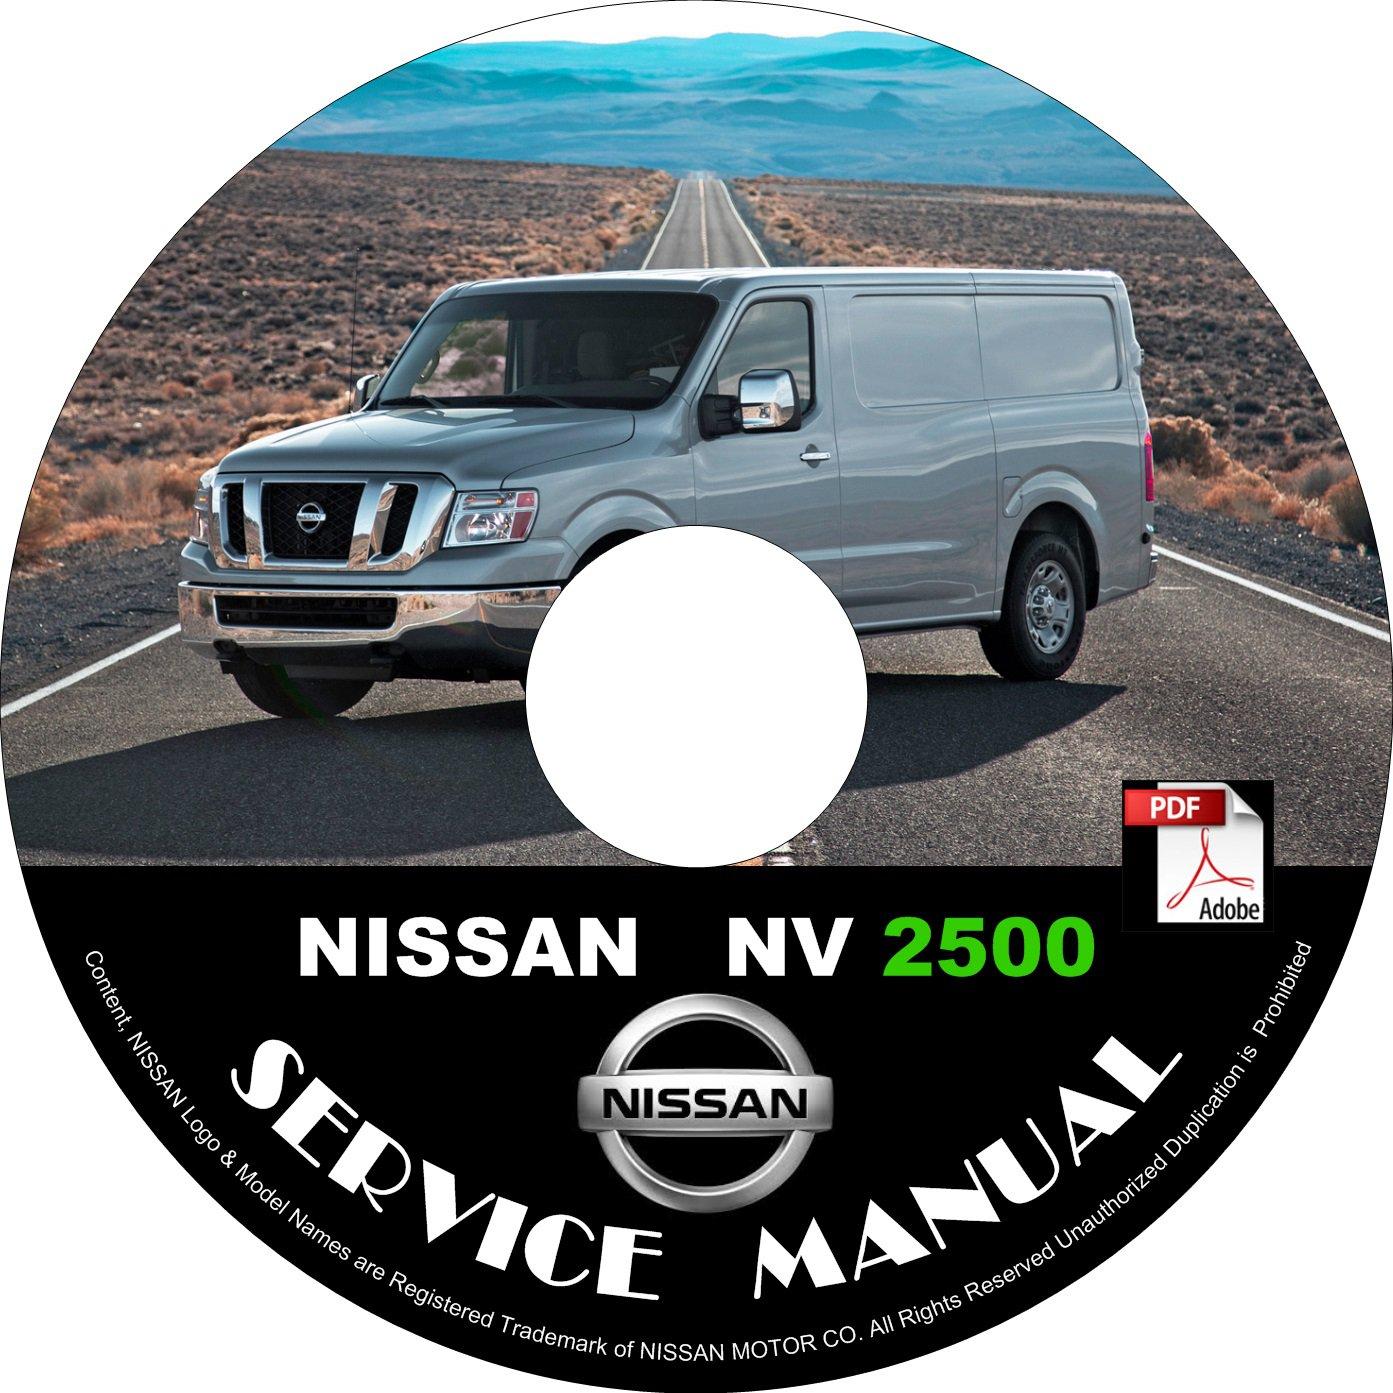 2016 Nissan NV 2500 Factory Service Repair Shop Manual on CD Fix Repair Rebuild '16 Workshop Guide